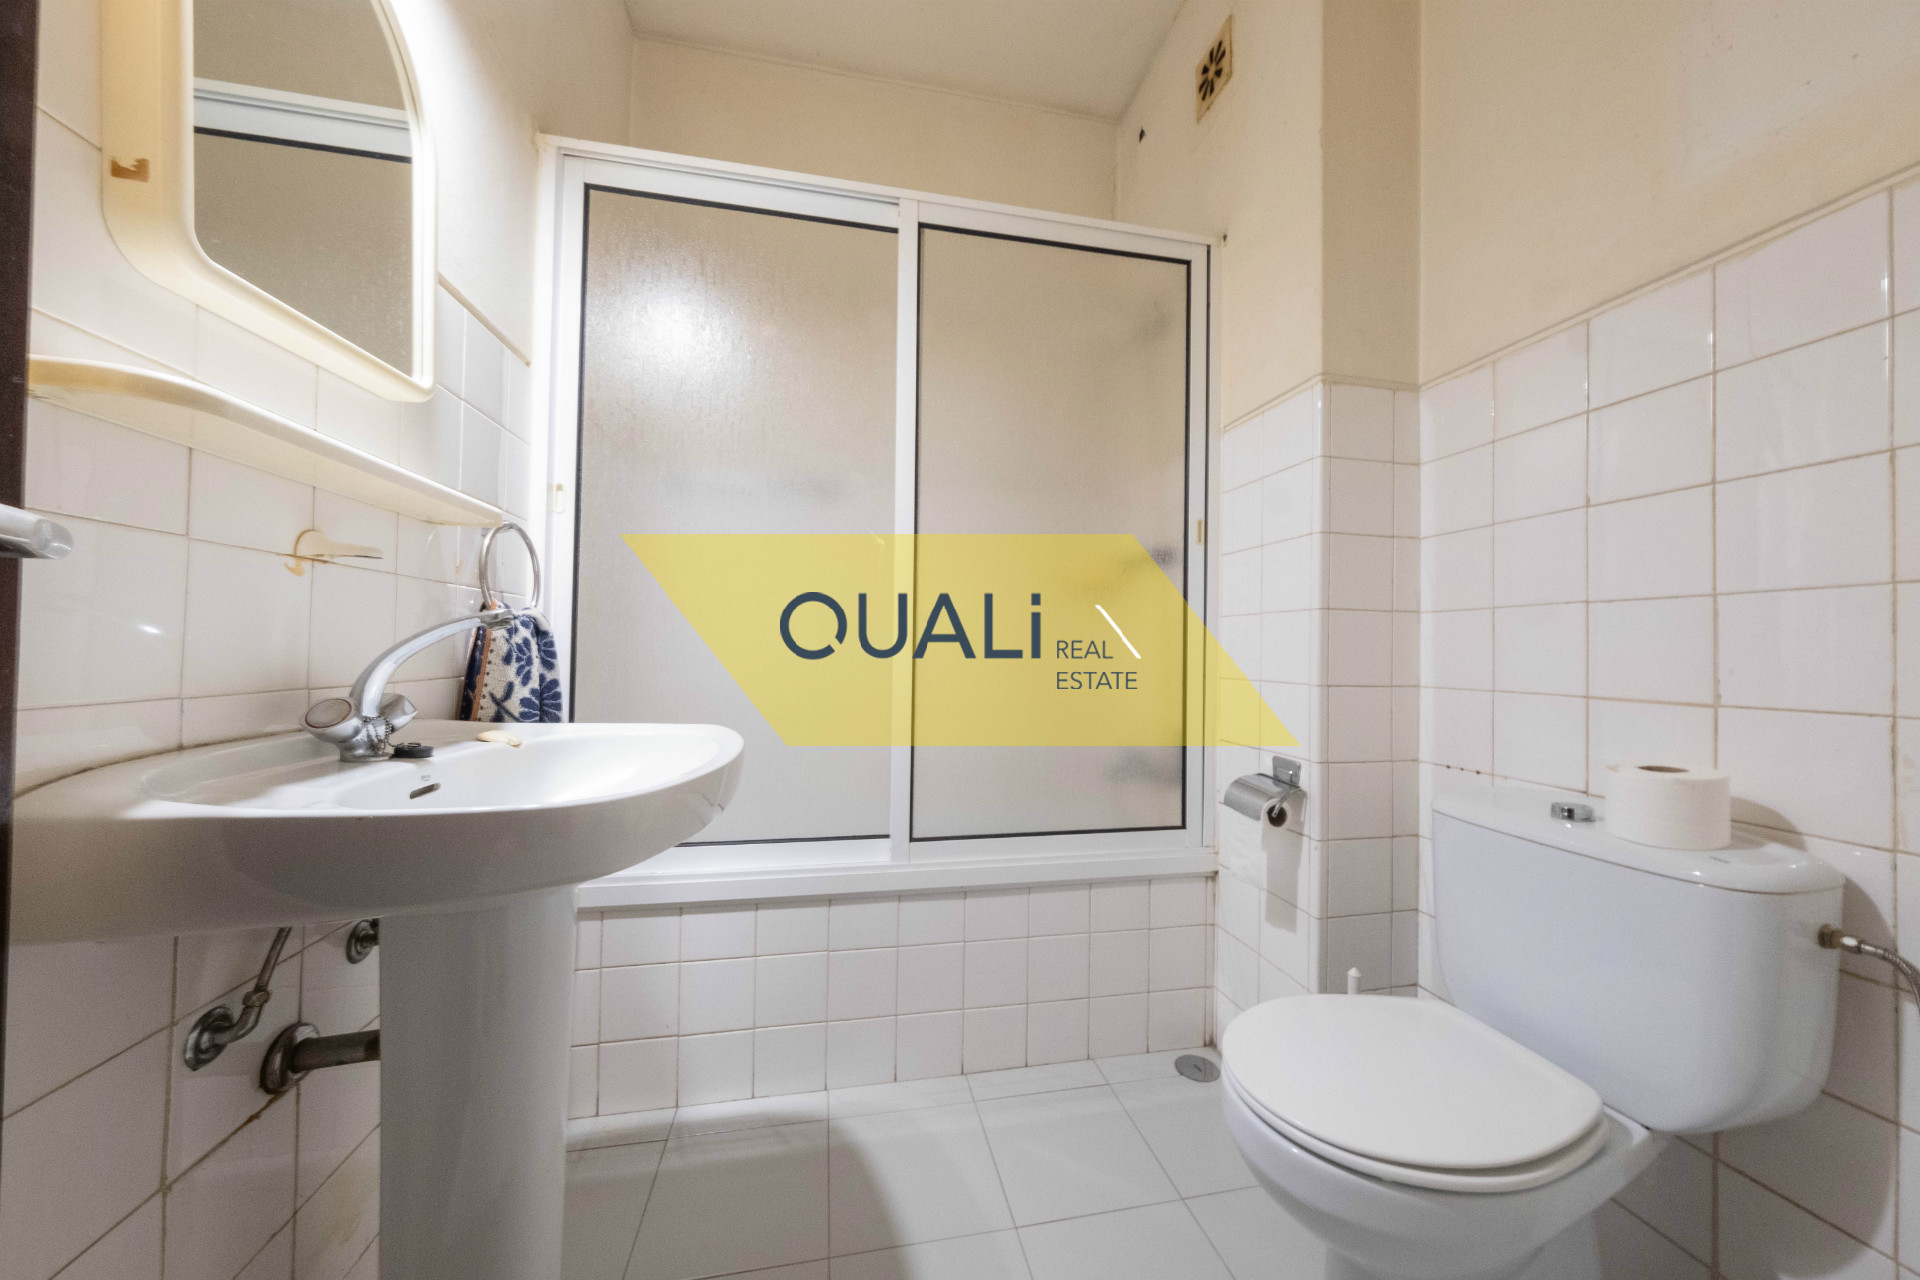 Imóvel para remodelação no centro do Funchal-Ilha da Madeira- € 185.000,00